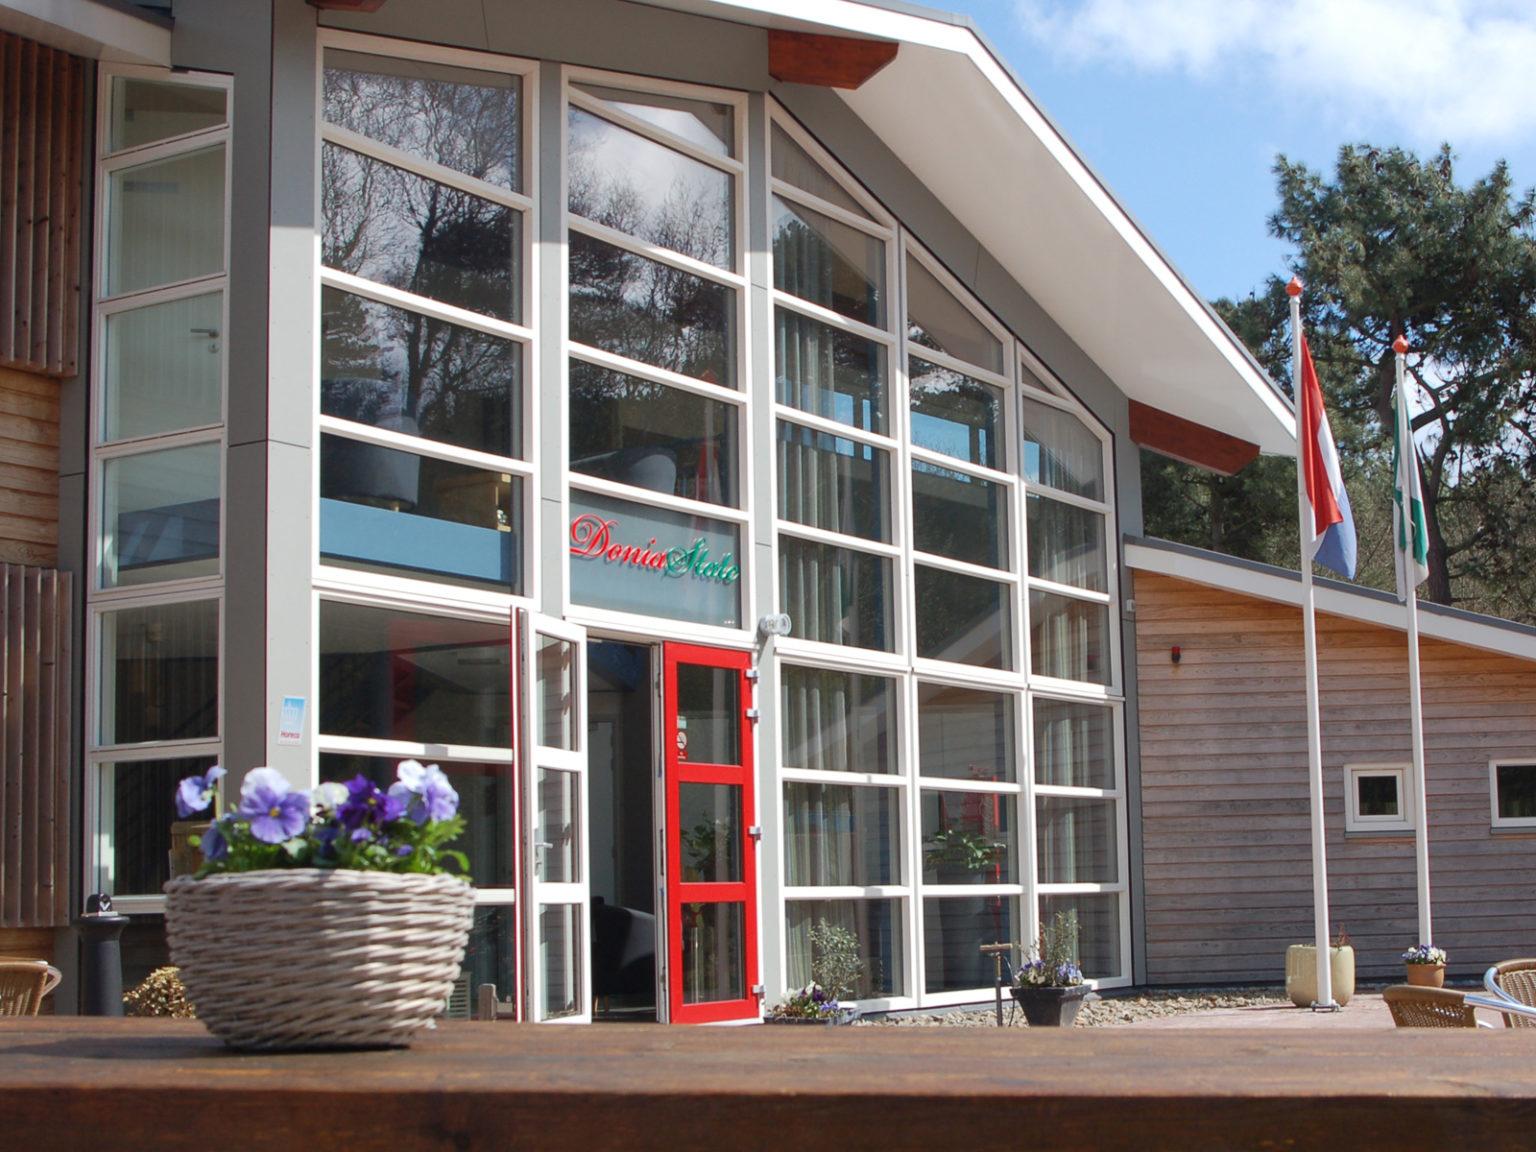 Hotel DoniaState Vlieland